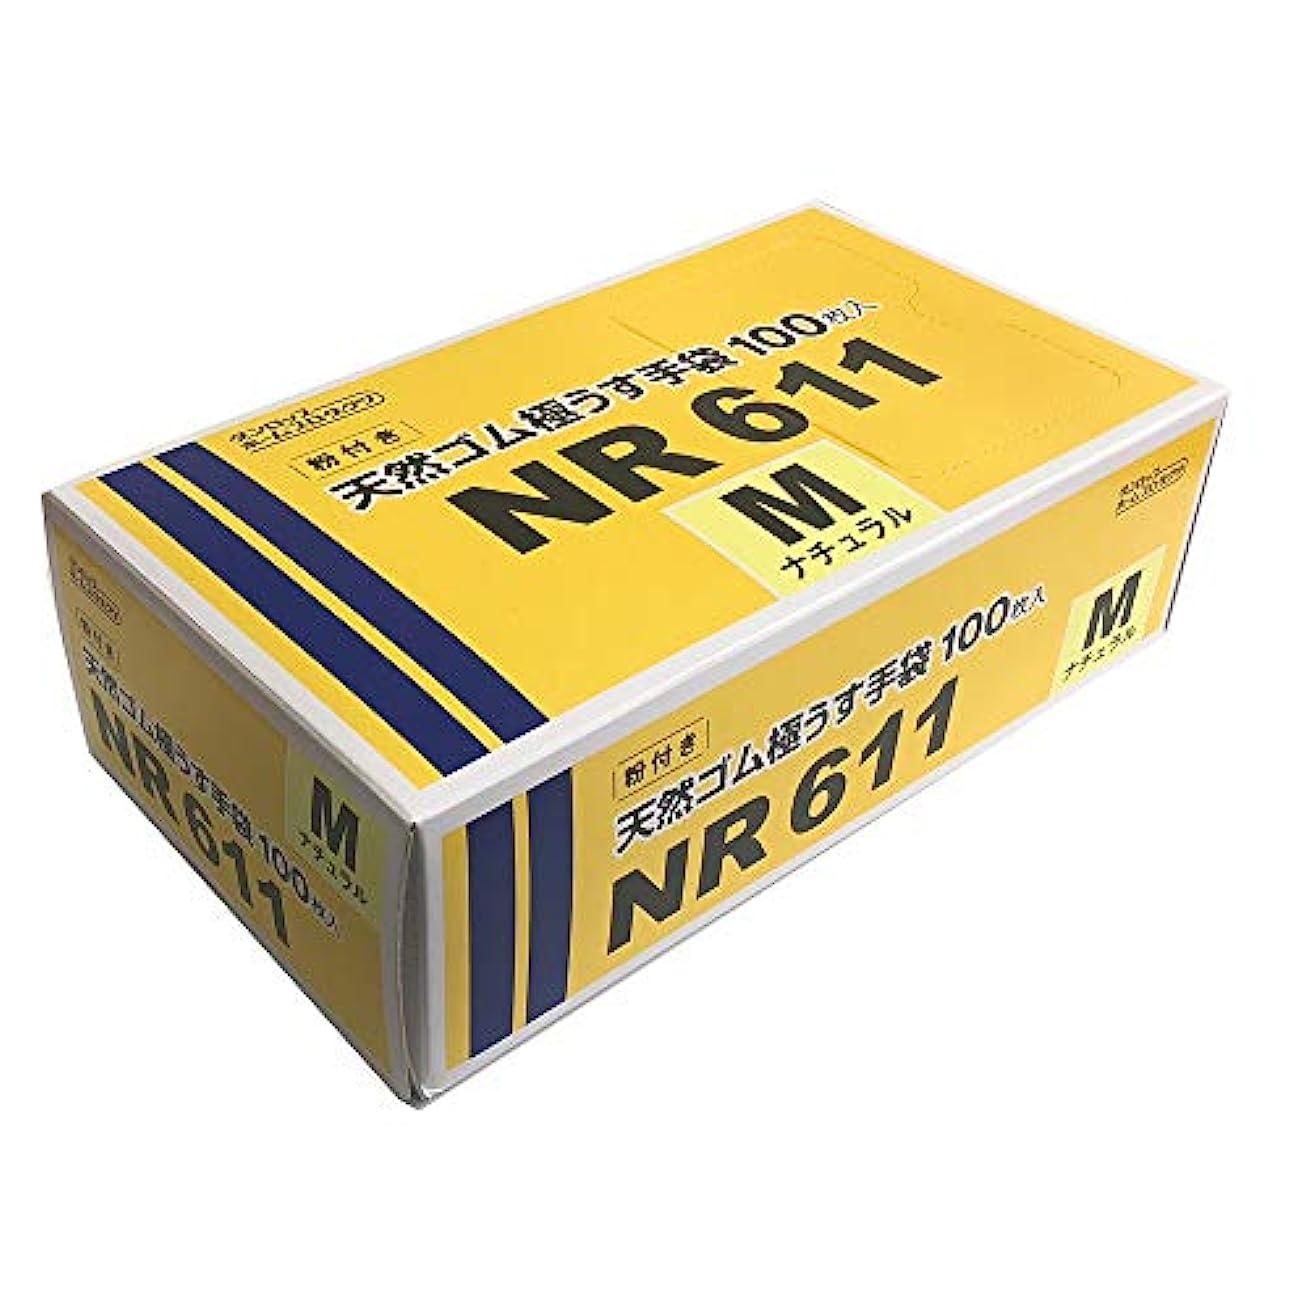 水没忘れっぽいラビリンスDP NR611 粉付天然ゴム極薄手袋M-N